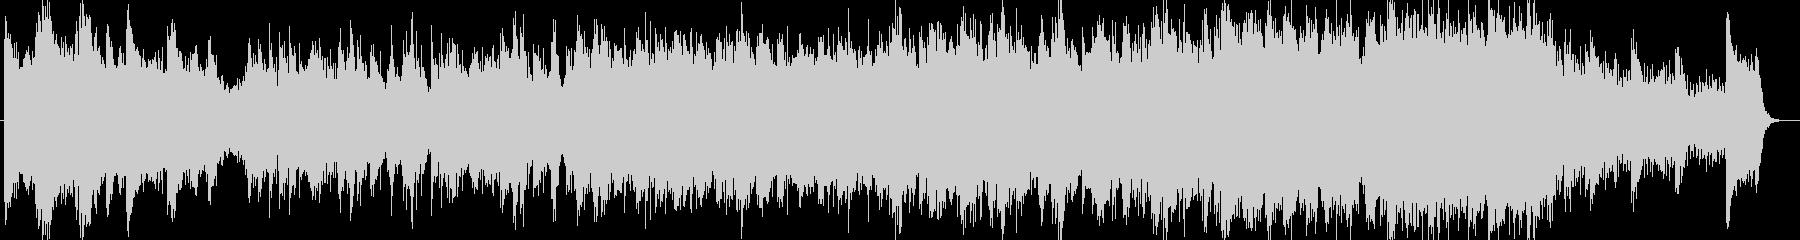 ゆったりと明るいシンセサイザーの曲の未再生の波形